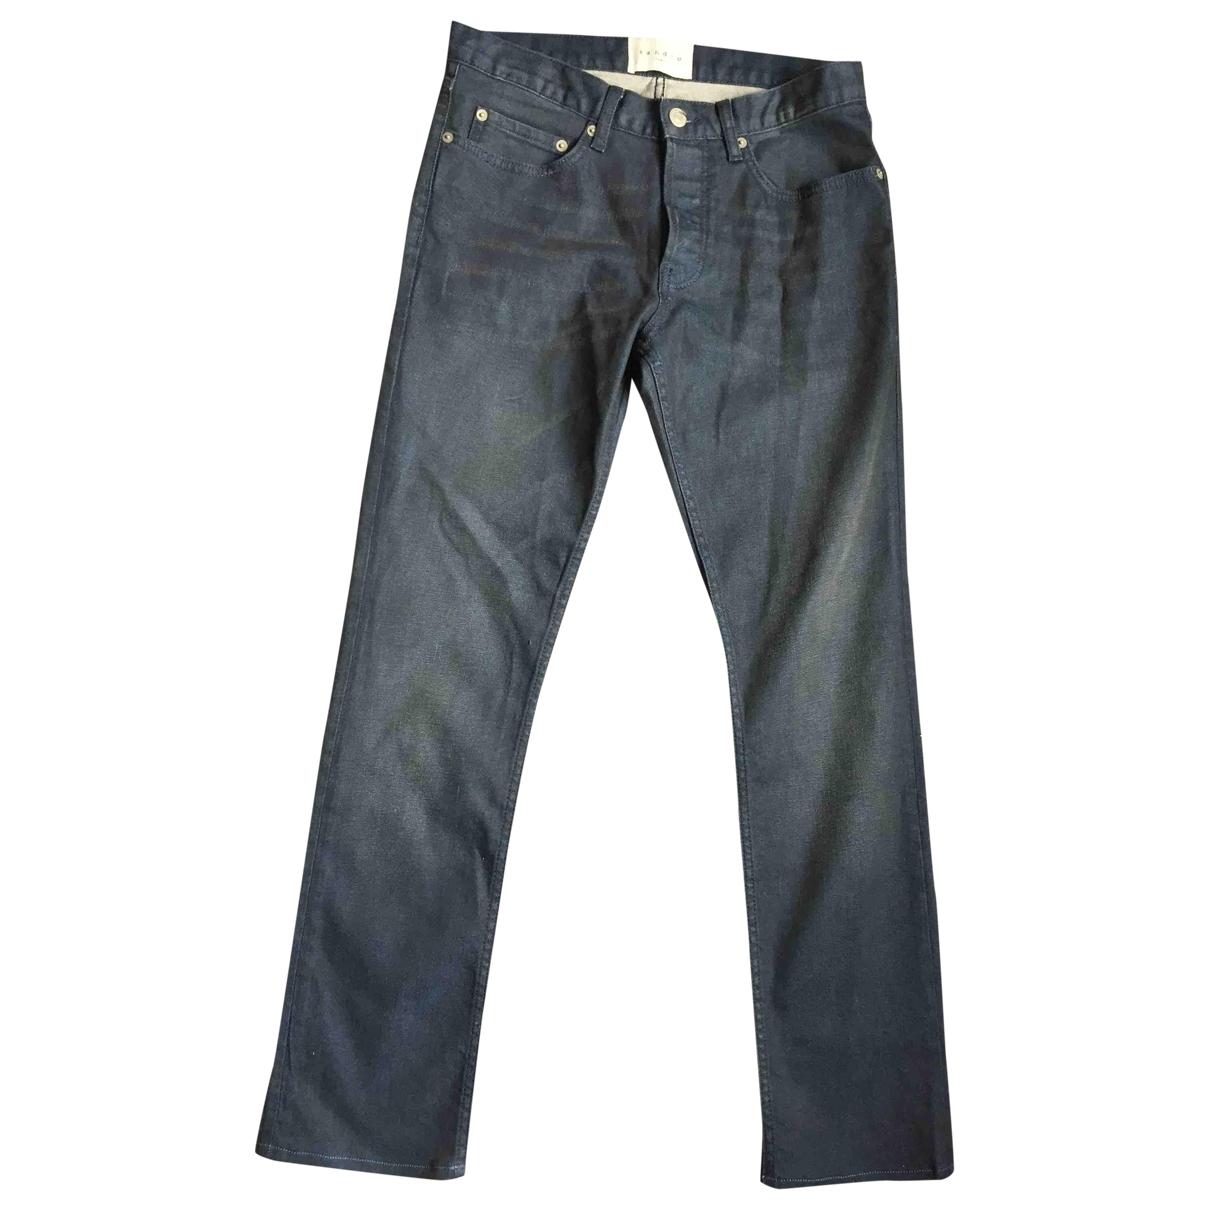 Sandro \N Navy Cotton - elasthane Jeans for Men 29 US